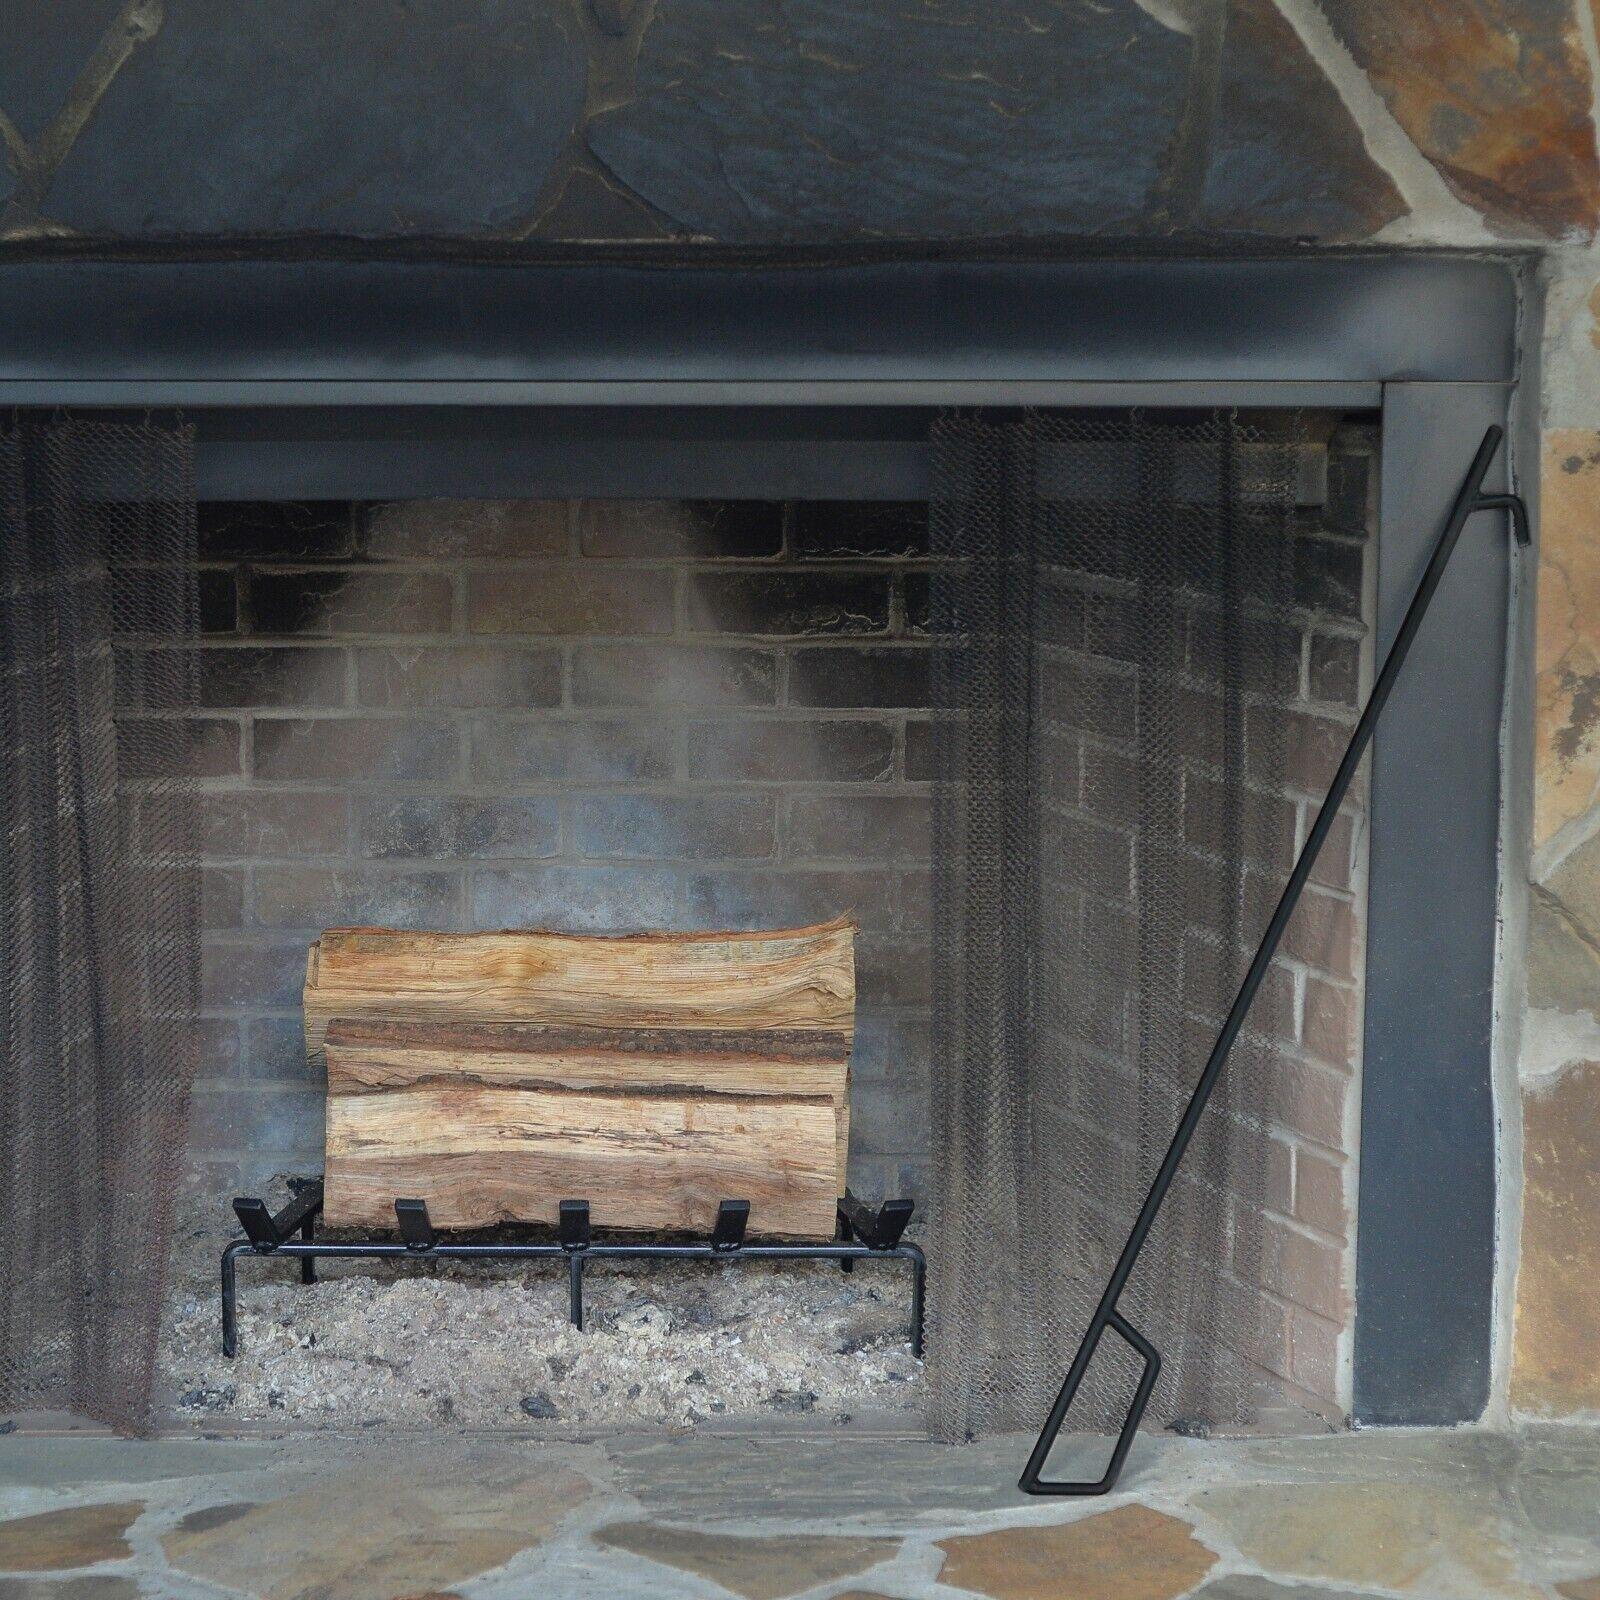 SteelFreak Heavy Duty Steel Fireplace Grate - Made in the US